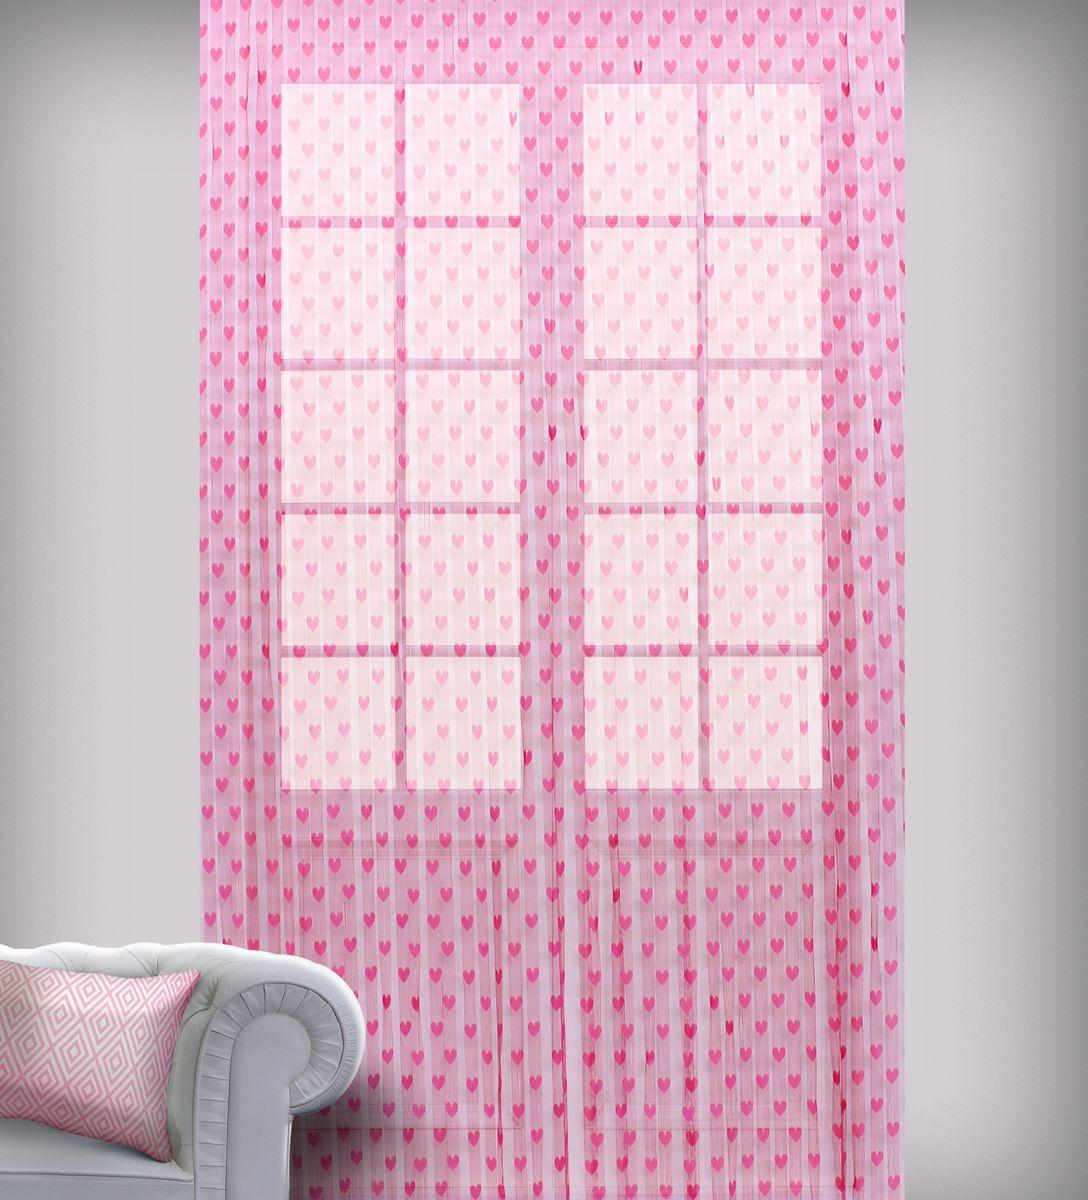 """Штора нитяная """"Sanpa Home Collection"""", выполненная из текстиля, подходит как для зонирования пространства, так и для декорации окна, как самостоятельное решение или дополнение к шторам. Такая штора великолепно дополнит интерьер вашего дома и станет отличным дизайнерским решением."""